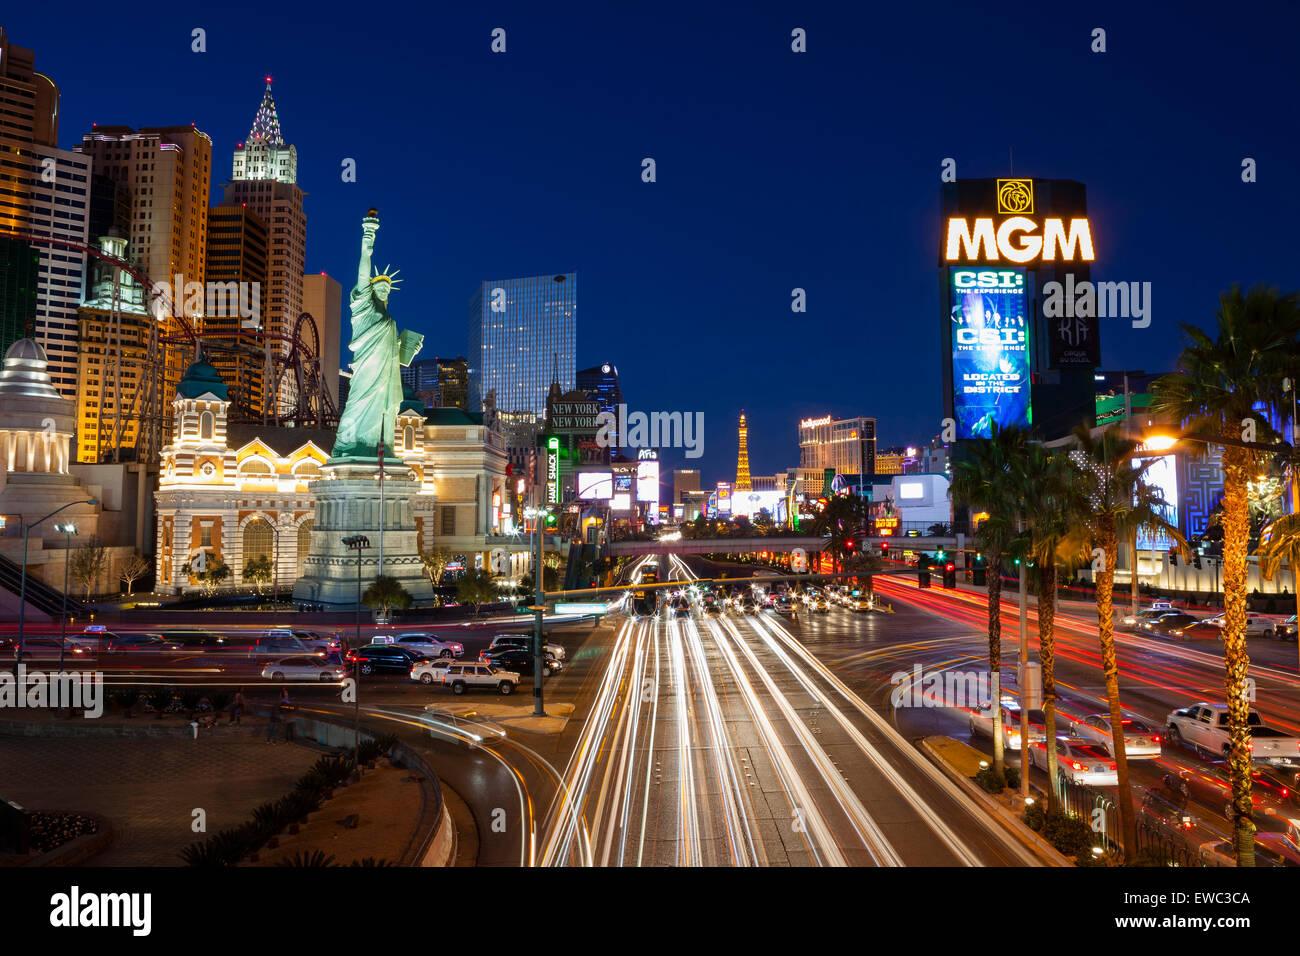 Las Vegas Boulevard 'bande' la longue exposition photo de nuit. Avis de MGM Grand Hotel et New York New Photo Stock